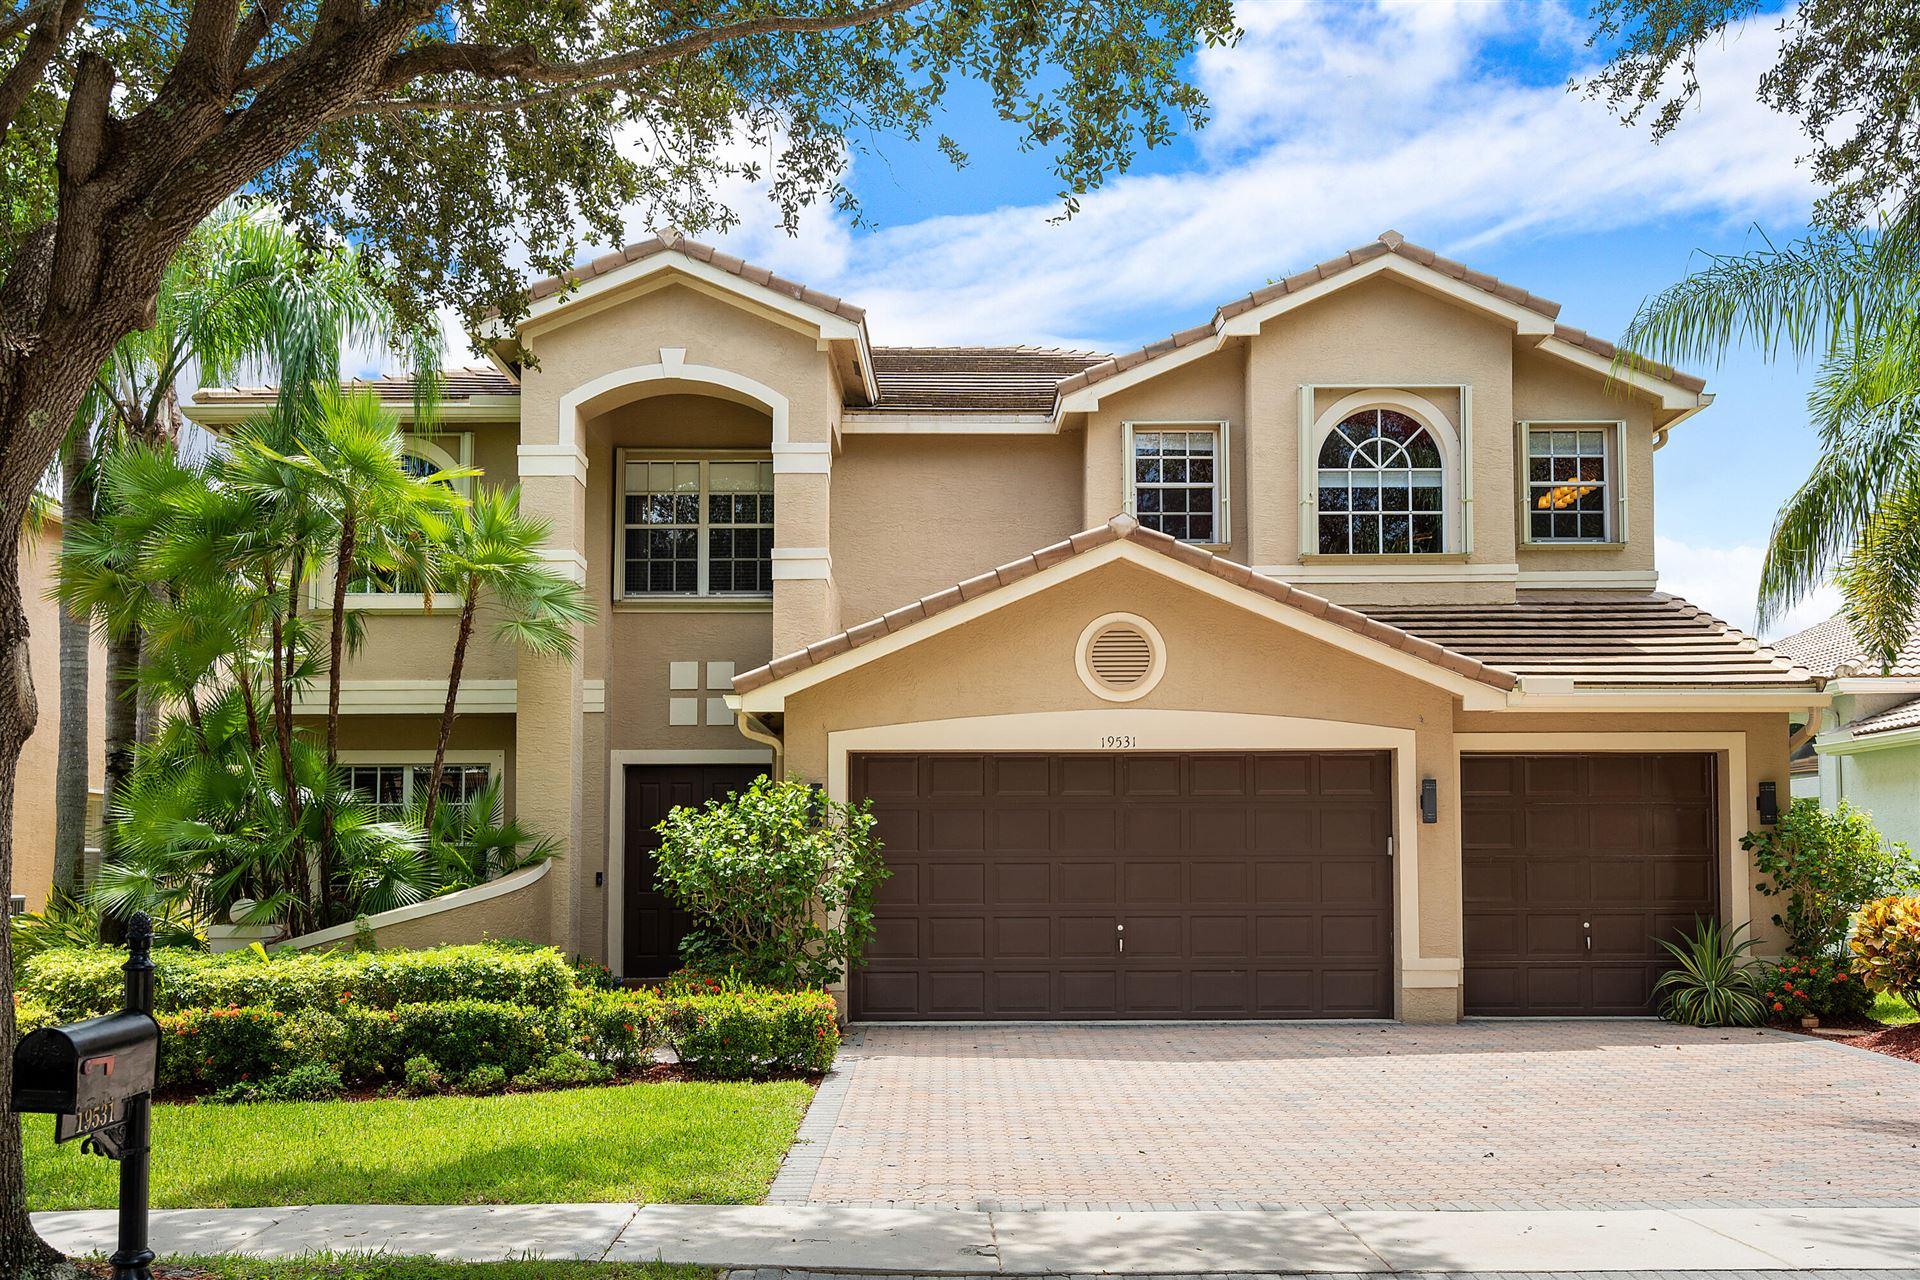 19531 Estuary Drive, Boca Raton, FL 33498 - MLS#: RX-10744242